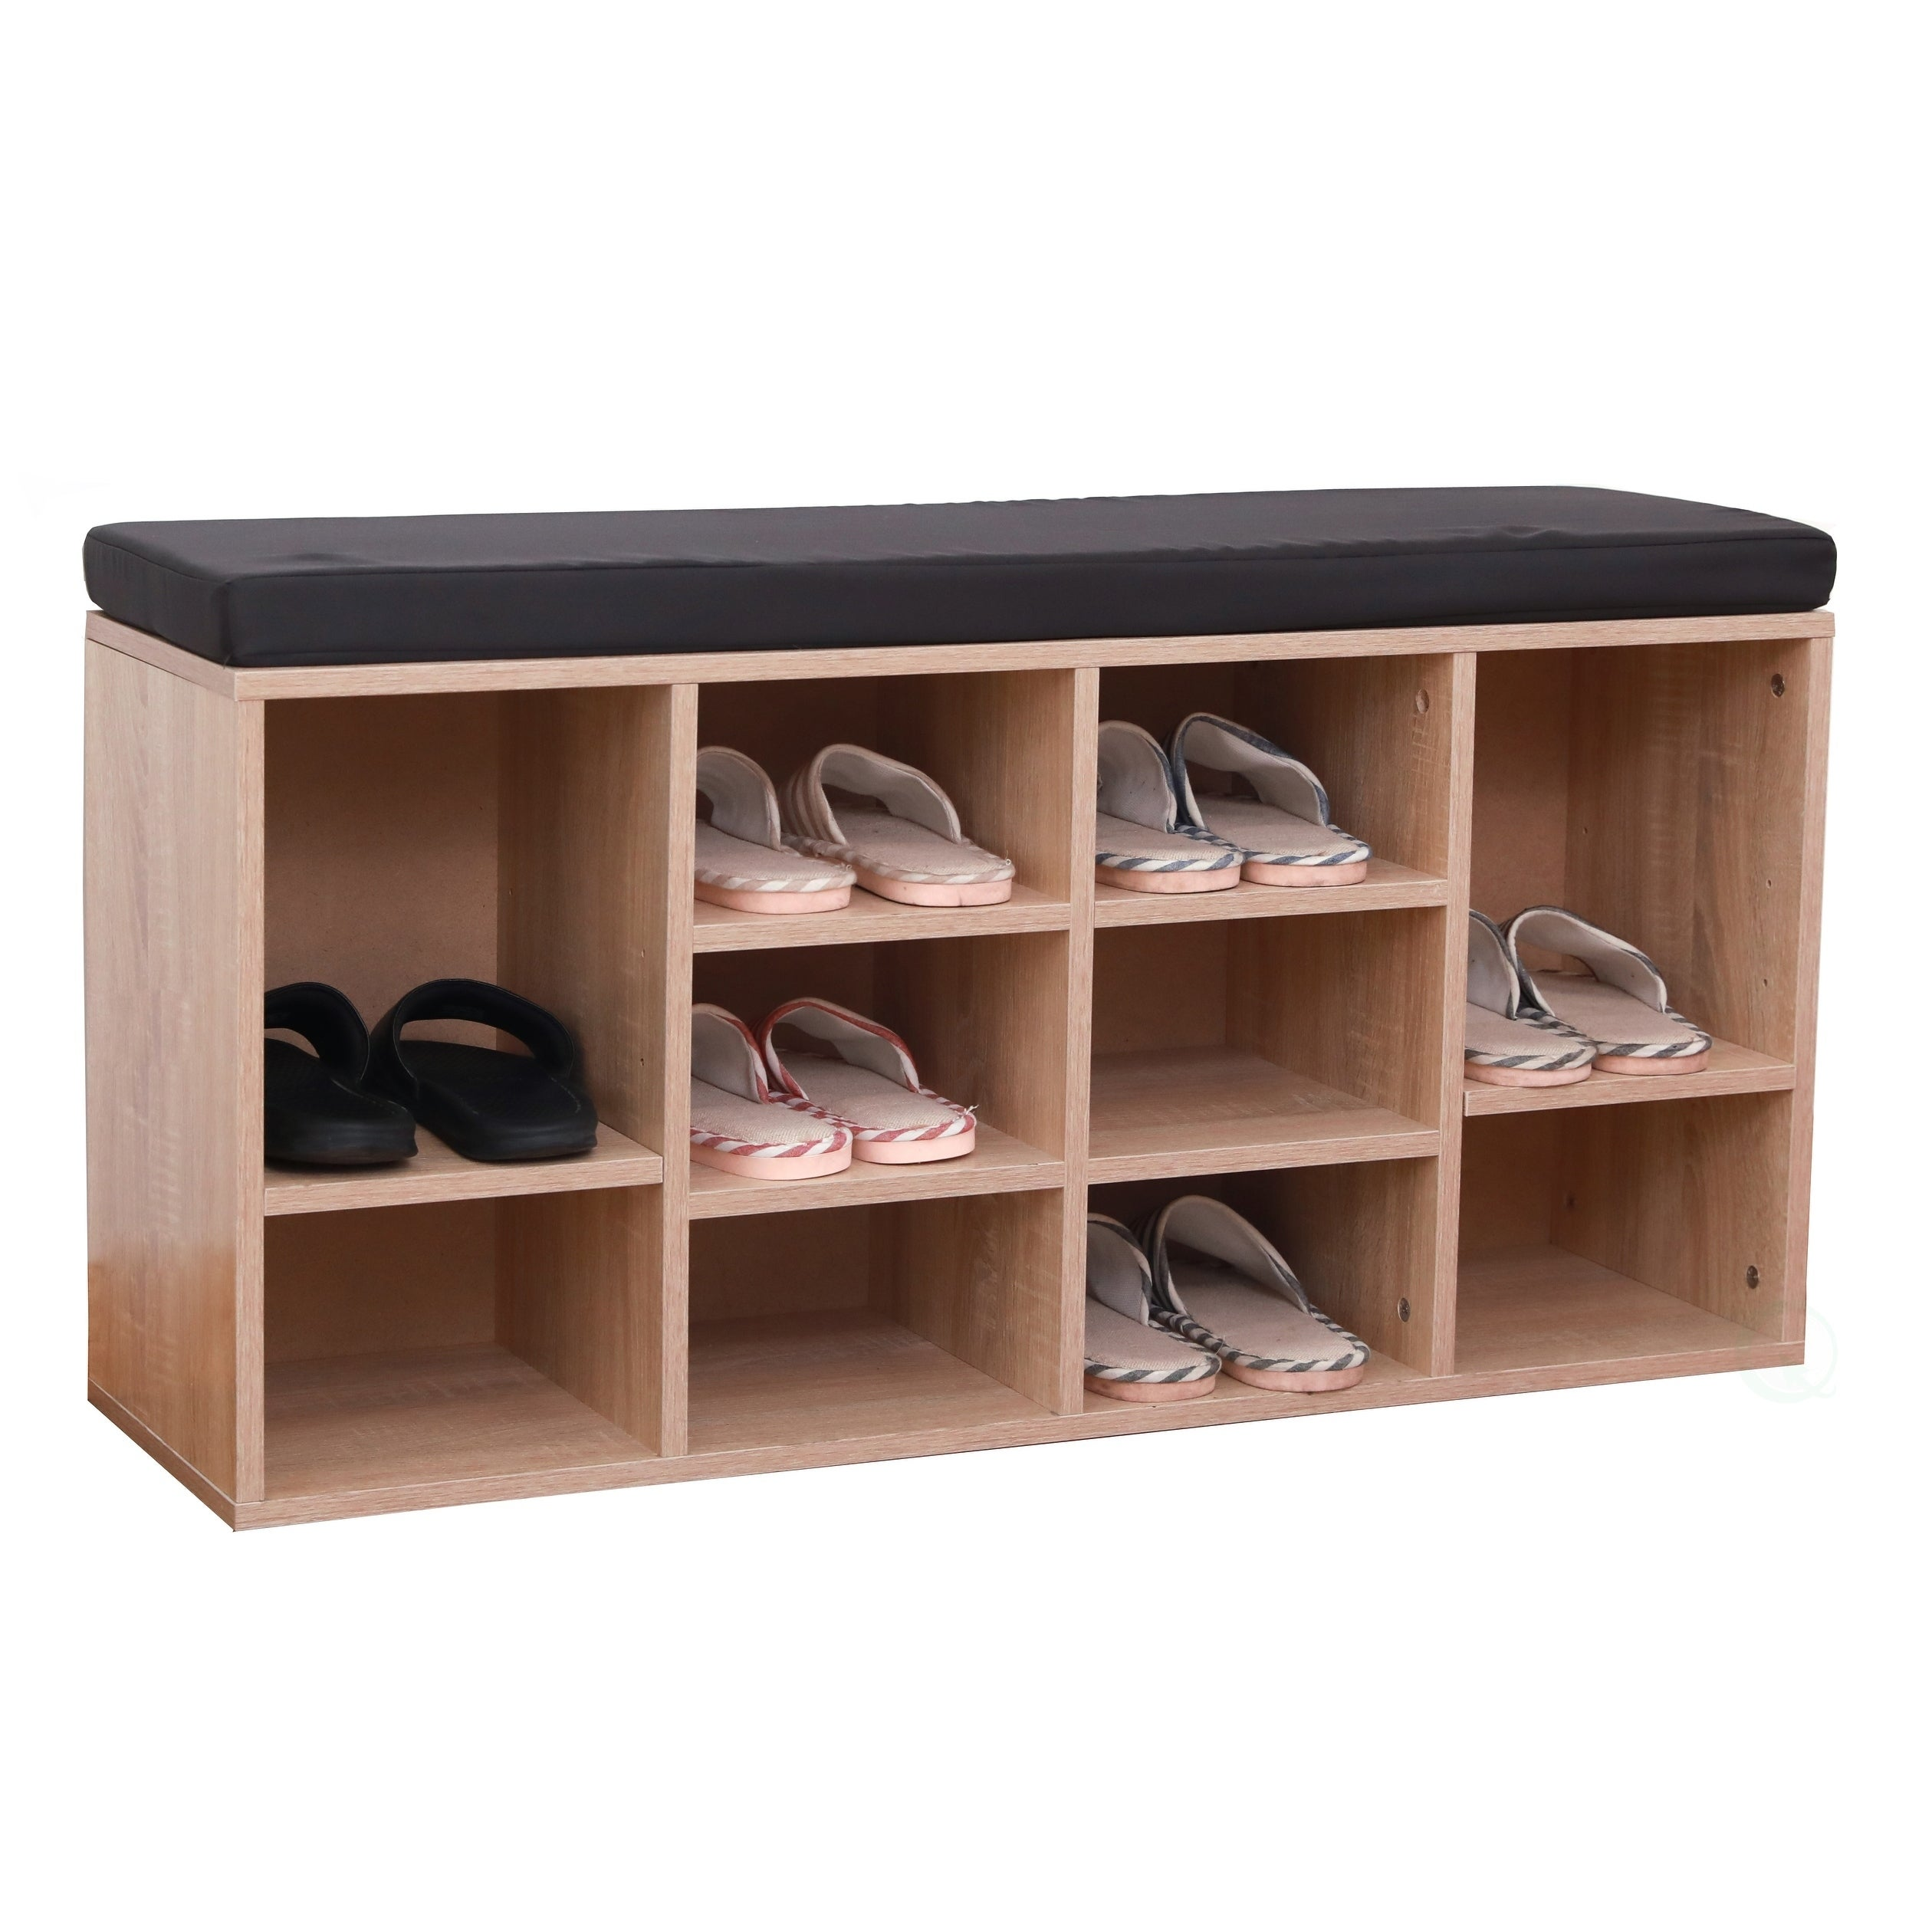 Shoe Bench Seat Rack Wood Entryway Organizer Wooden Brown Large Storage Closet